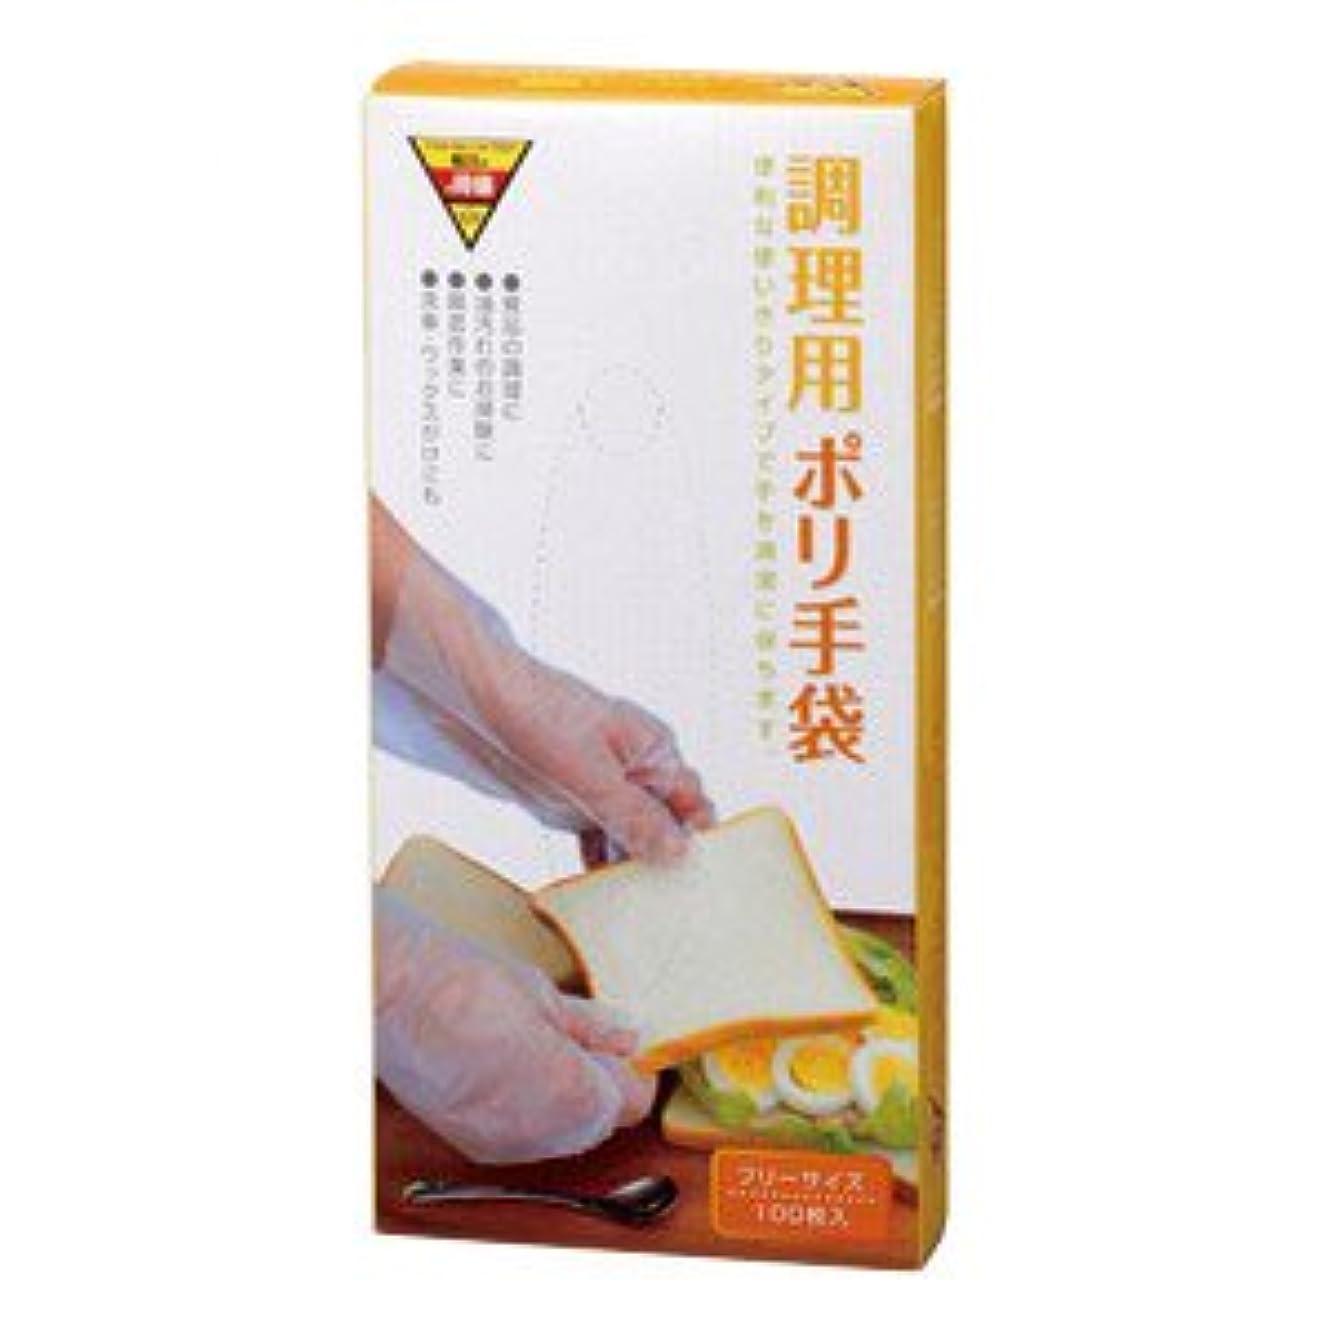 宿賃金達成するコーナンオリジナル 調理用ポリ手袋 100枚入 KHD05-7123